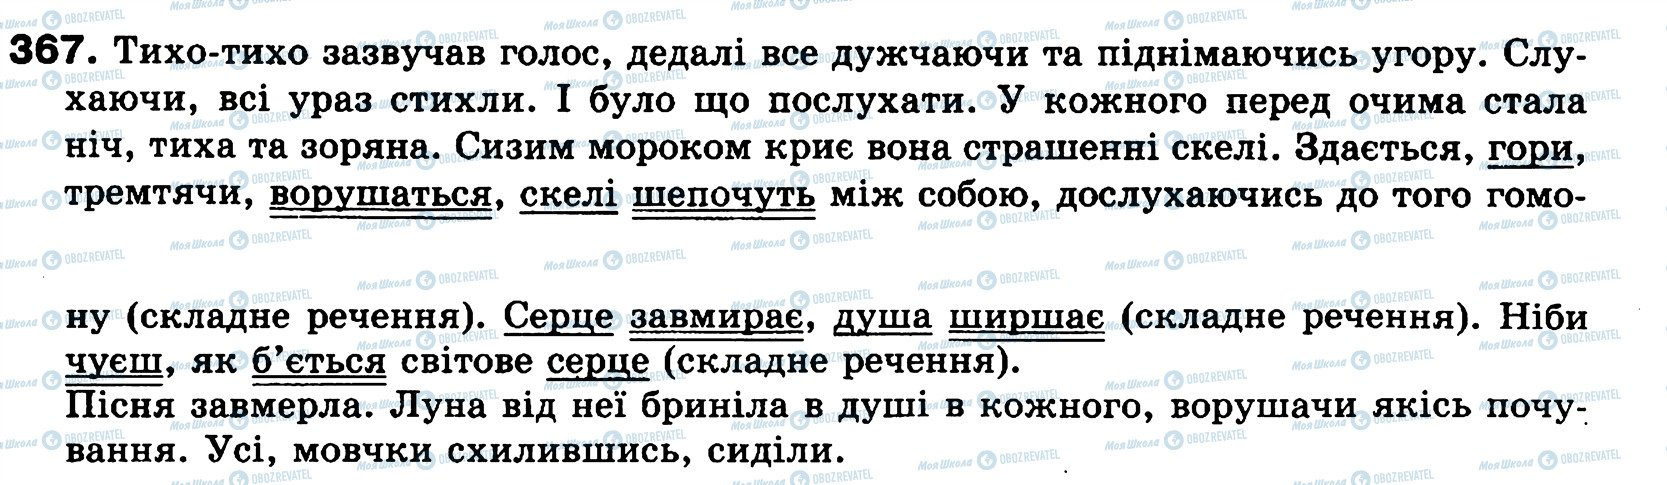 ГДЗ Українська мова 8 клас сторінка 367